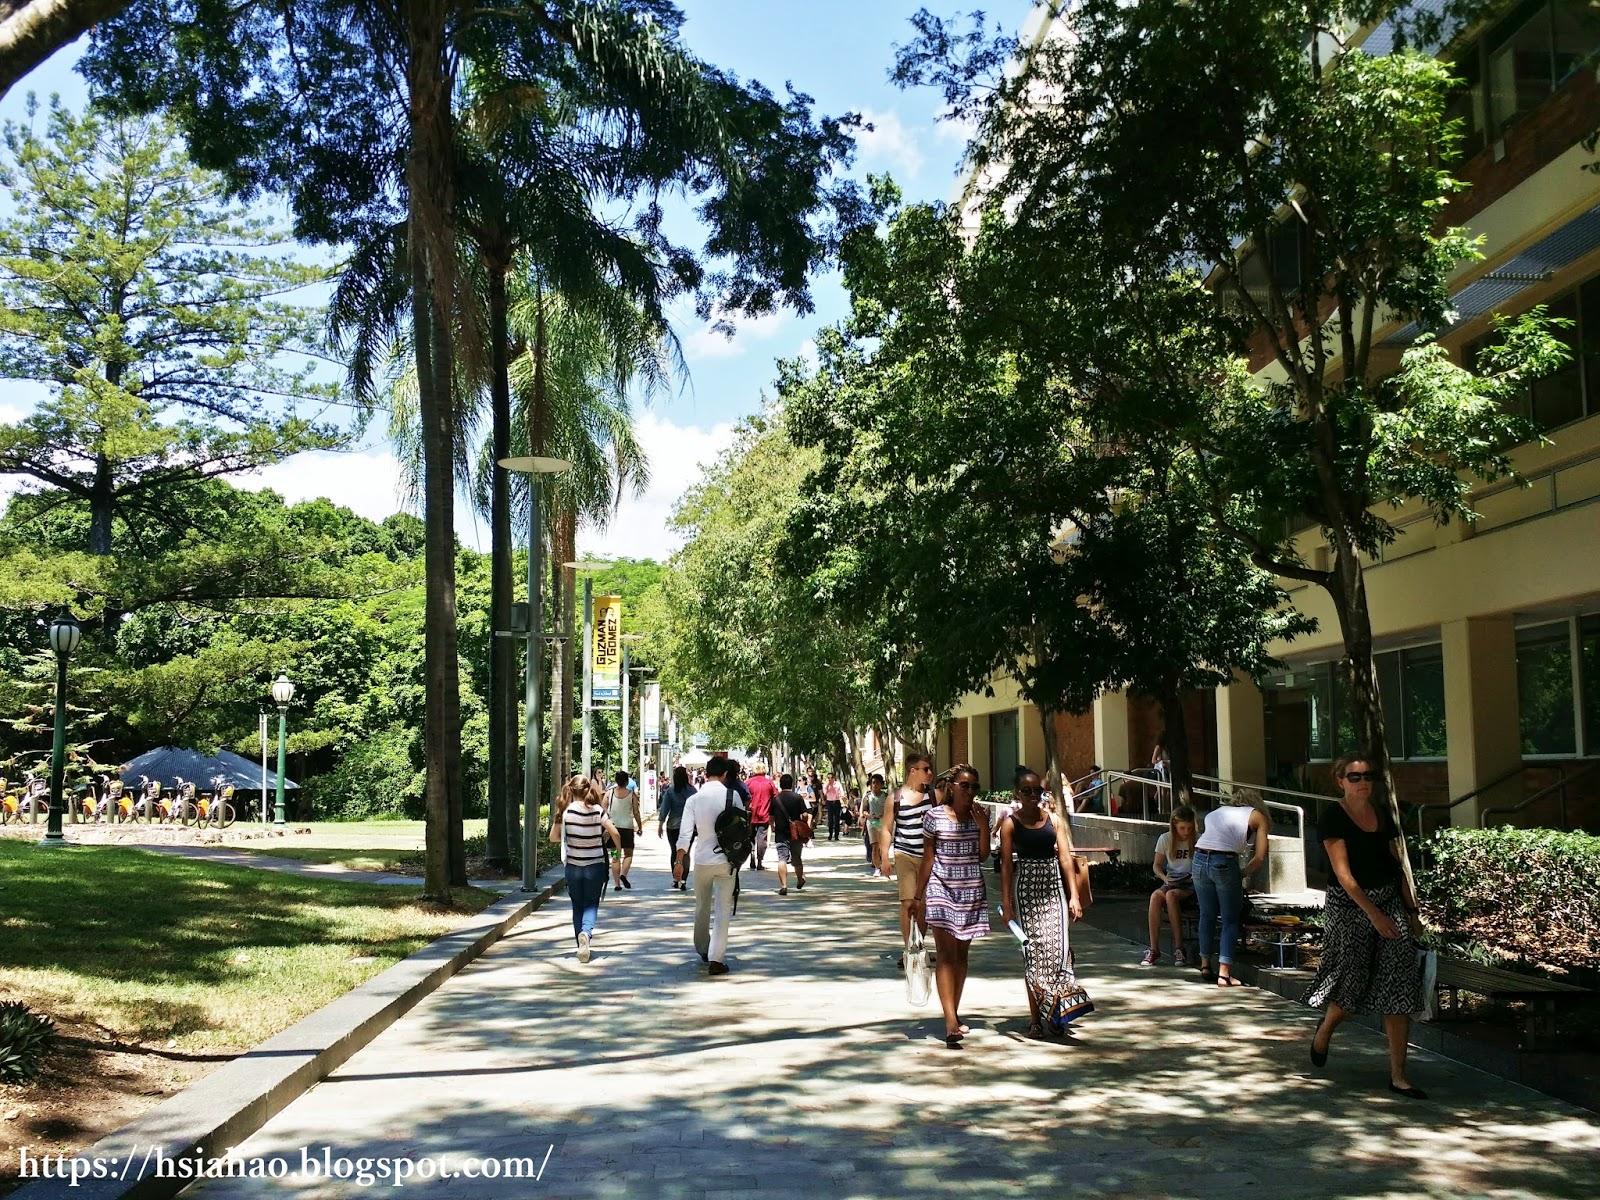 澳洲-昆士蘭科技大學-QUT-留學-申請-學校-Australia-University-Application